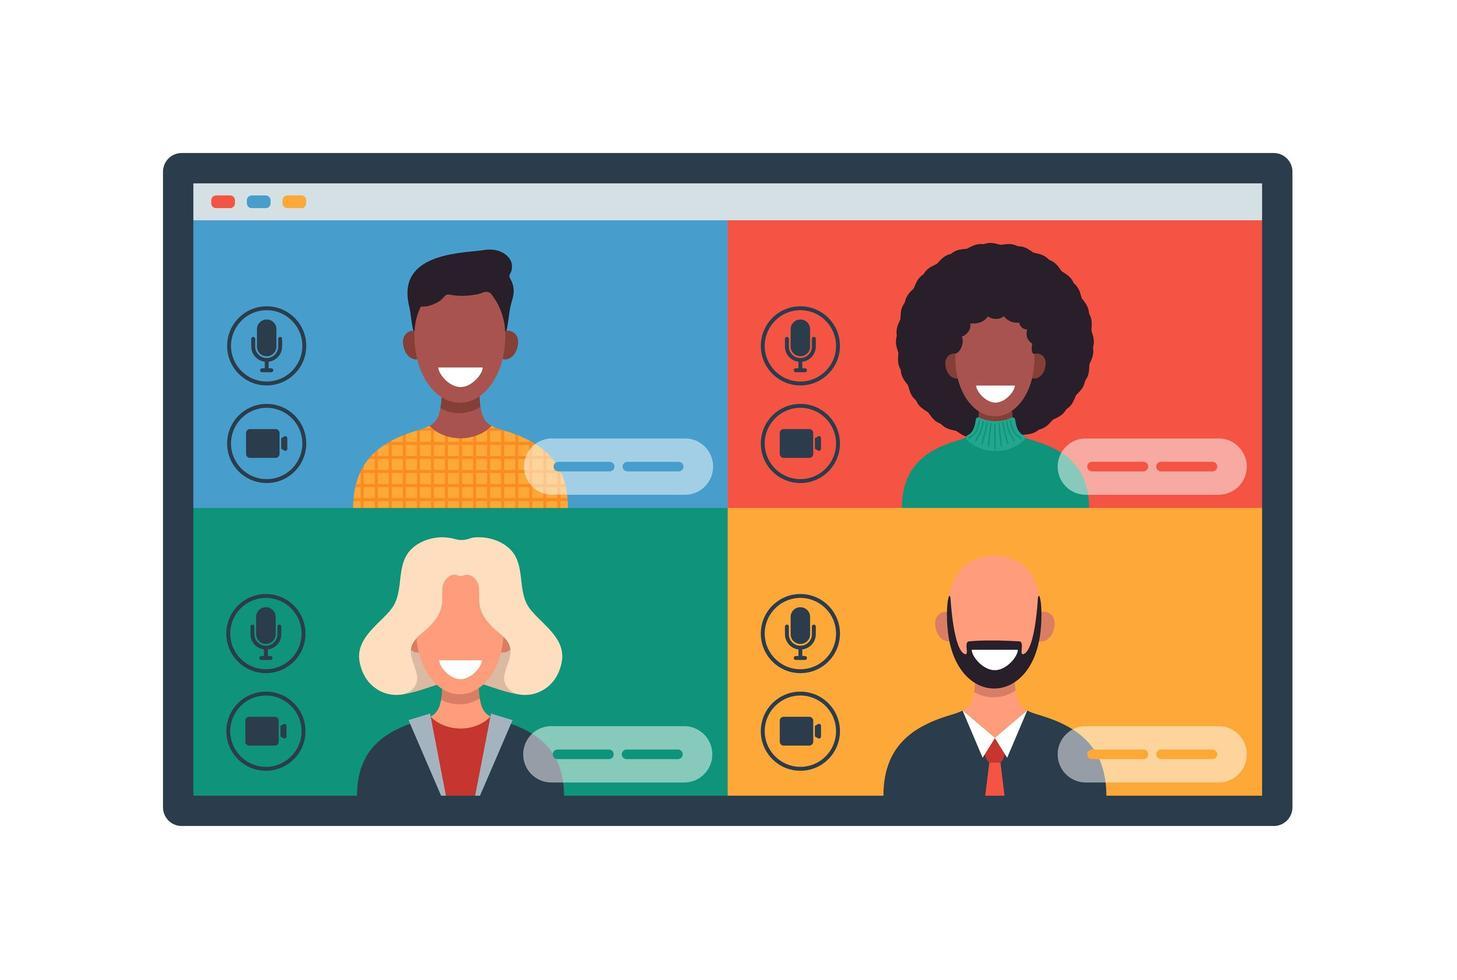 webbfönster med olika människor som chattar med videokonferens på surfplattan. leende män och kvinnor arbetar och kommunicerar på distans. teammöte vektorillustration i platt design vektor